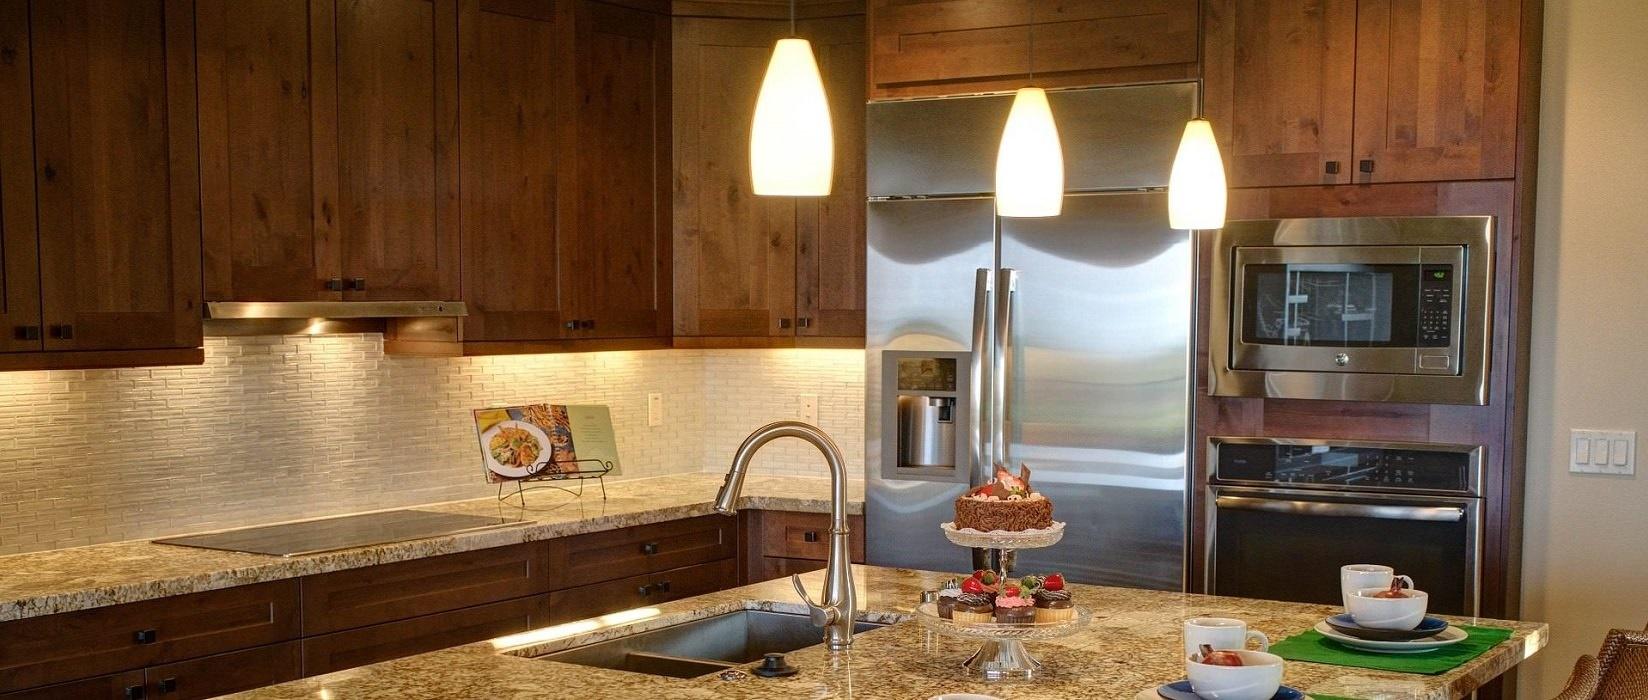 Beautiful Kitchen Cabinets & Renovations ...